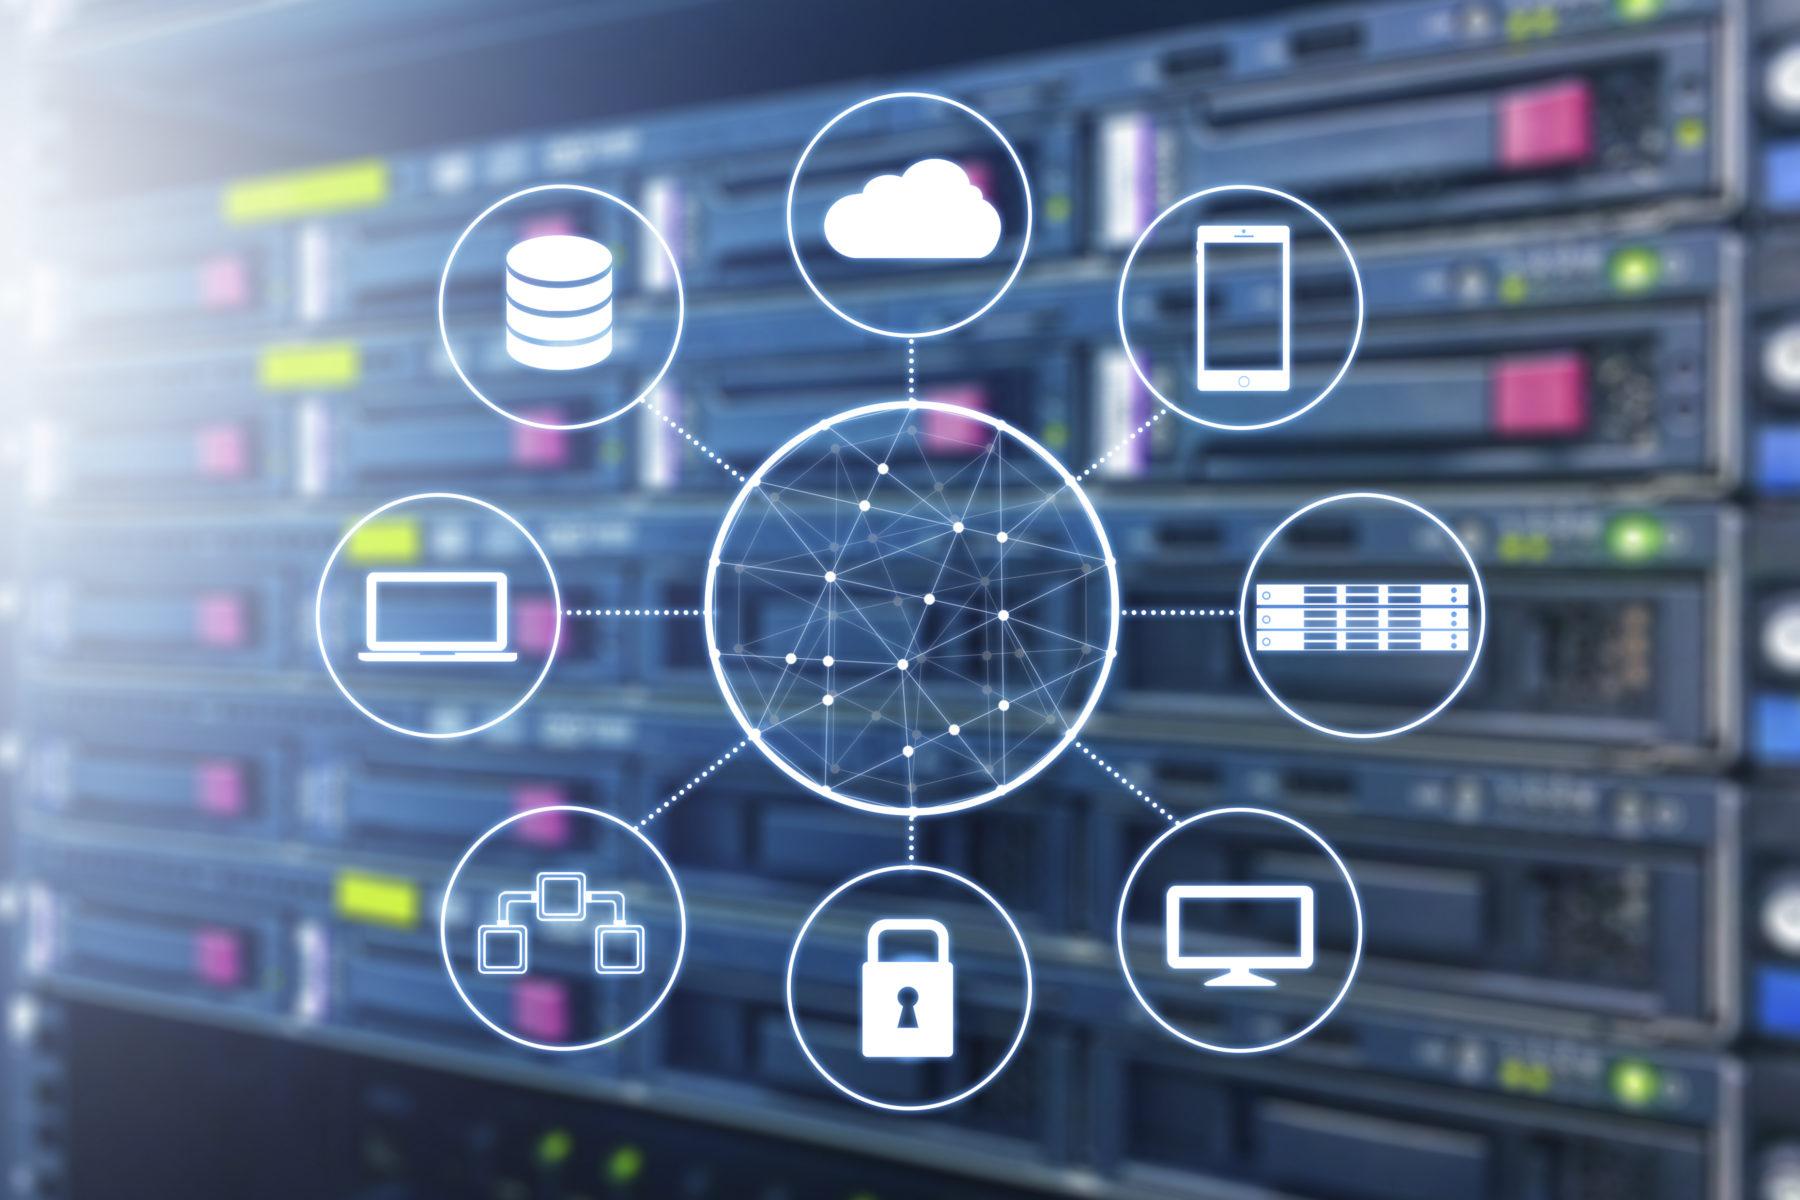 Kupfer, Glasfaser, Firewall, WAN, VPN, WLAN, USV, Notstromversorgung, IT-Sicherheit, ISO 27001, Green IT, Schadsoftware, Komplettpakete, IT-Beratung, Betriebssysteminstallation, Geräteeinweisung, Systemübernahme, Webcam-Einrichtung, Fehleranalyse, Netzwerkanalyse, Netzwerk Analyse